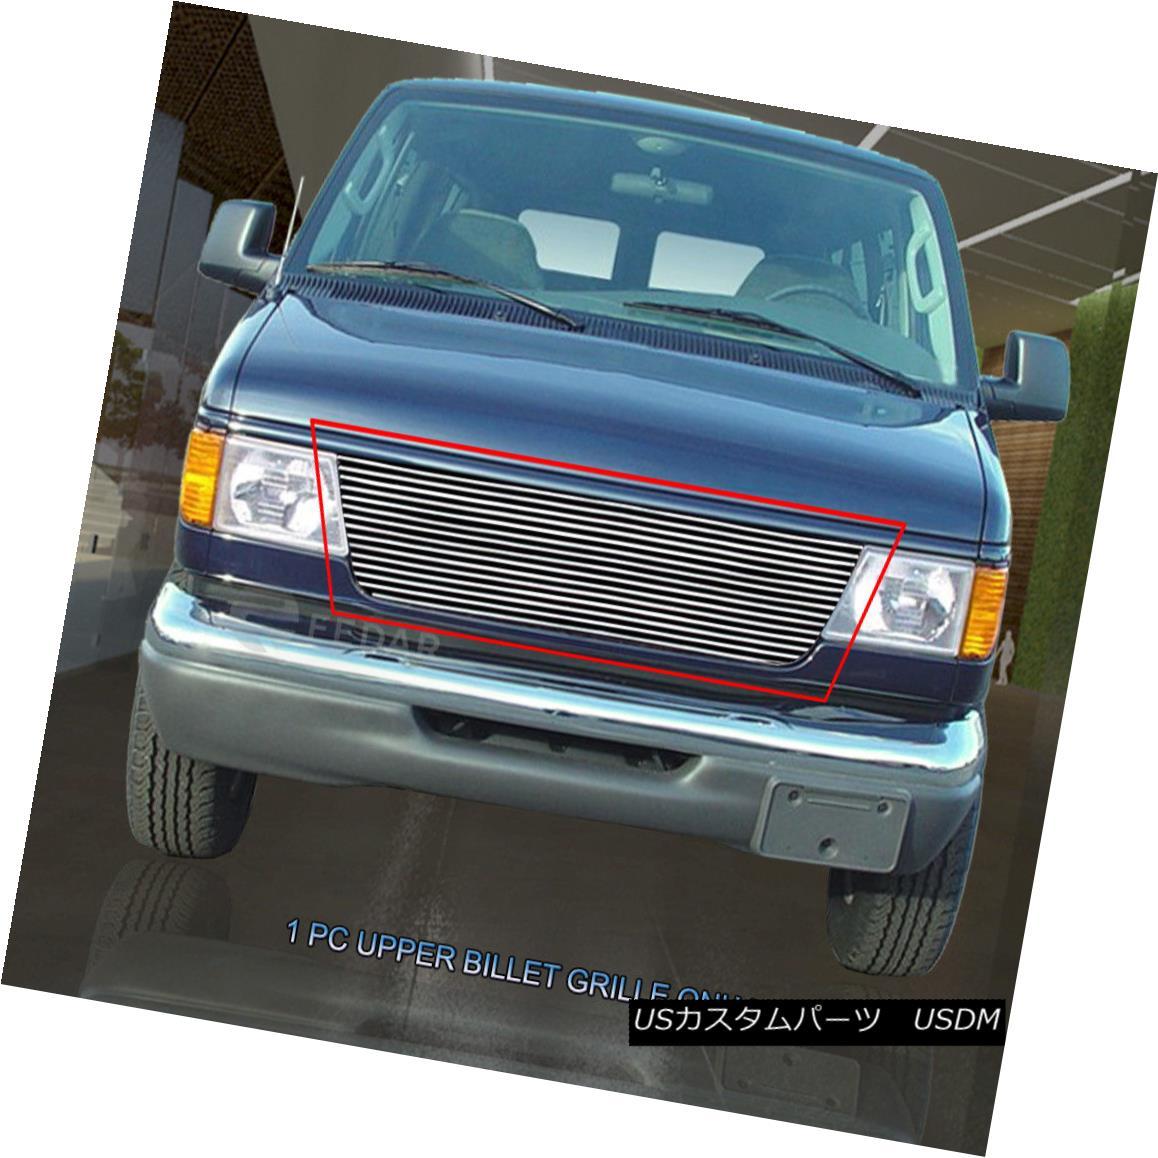 グリル Fits 92-07 Ford E-150 E-250 E-350 Econoline Van Billet Grille Insert  Fedar フィット92?97 Ford E-150 E-250 E-350 Econoline Van Billet Grille Insert Fedar